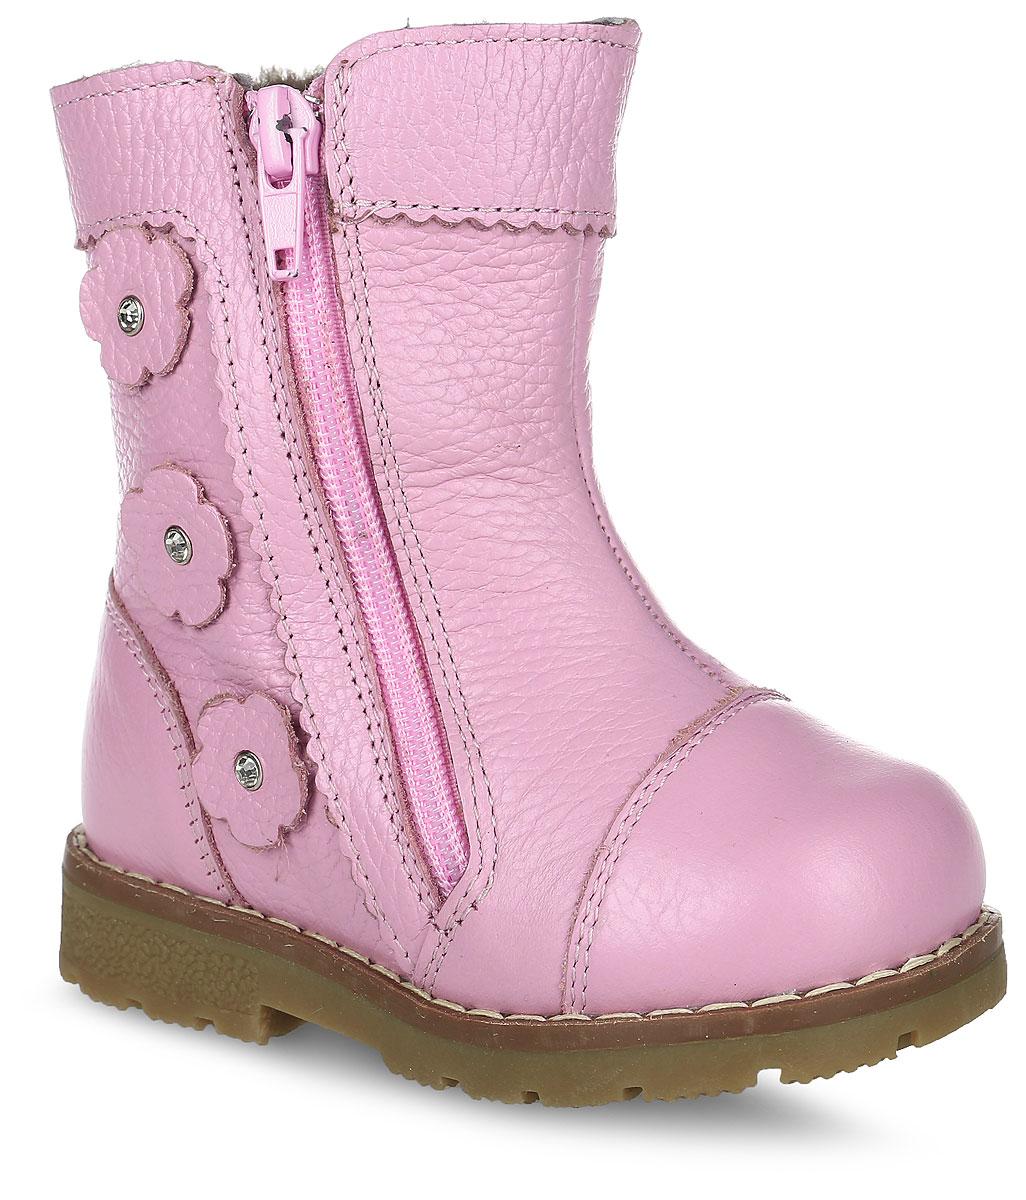 Сапоги для девочки Зебра, цвет: светло-розовый. 9988-9. Размер 219988-9Теплые сапоги Зебра изготовлены из натуральной кожи и оформлены декоративными нашивками в виде цветков. Носовая часть и задник дополнены накладками для уменьшения износа обуви. Рант дополнен прострочкой. На ноге модель фиксируется с помощью удобной застежки-молнии. Внутренняя поверхность и стелька выполнены из натурального меха, который обеспечит тепло и комфорт при носке. Подошва изготовлена из гибкого и прочного ТЭП-материала, а ее протектор гарантирует отличное сцепление с любой поверхностью.